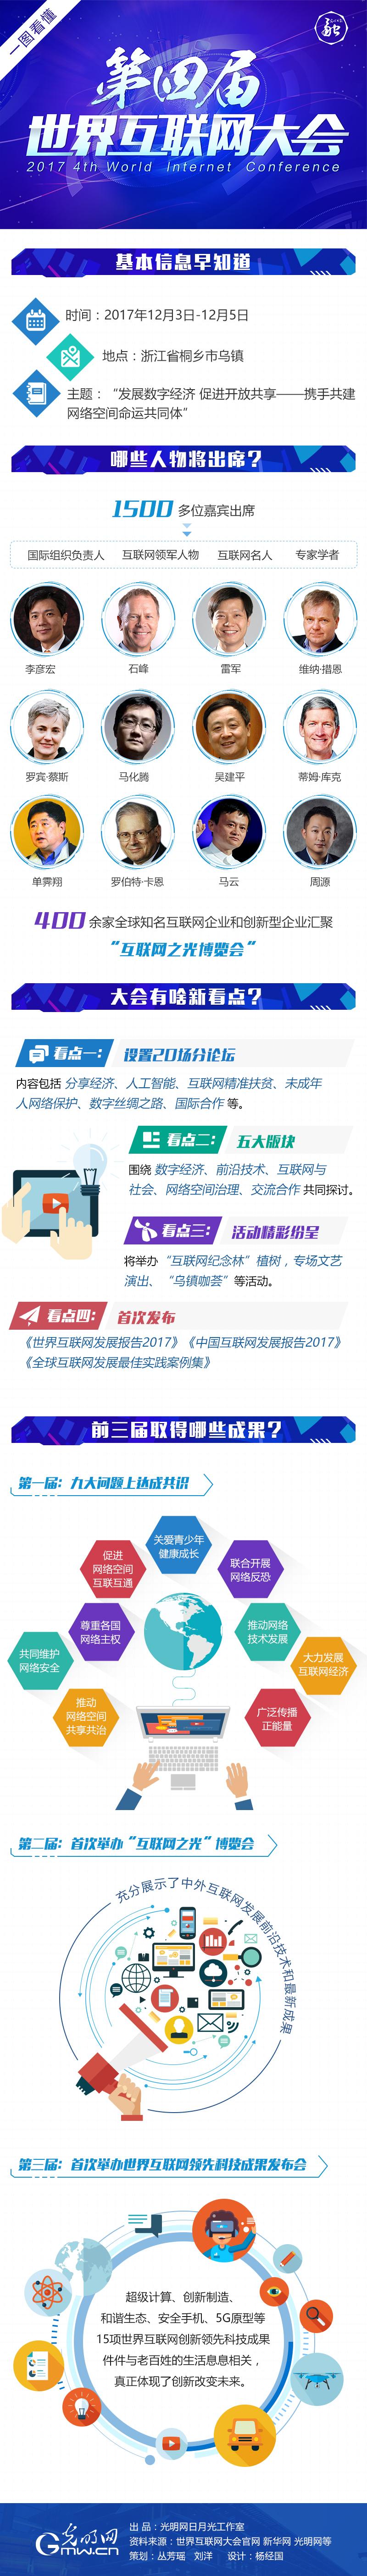 一张图看懂第四届世界互联网大会